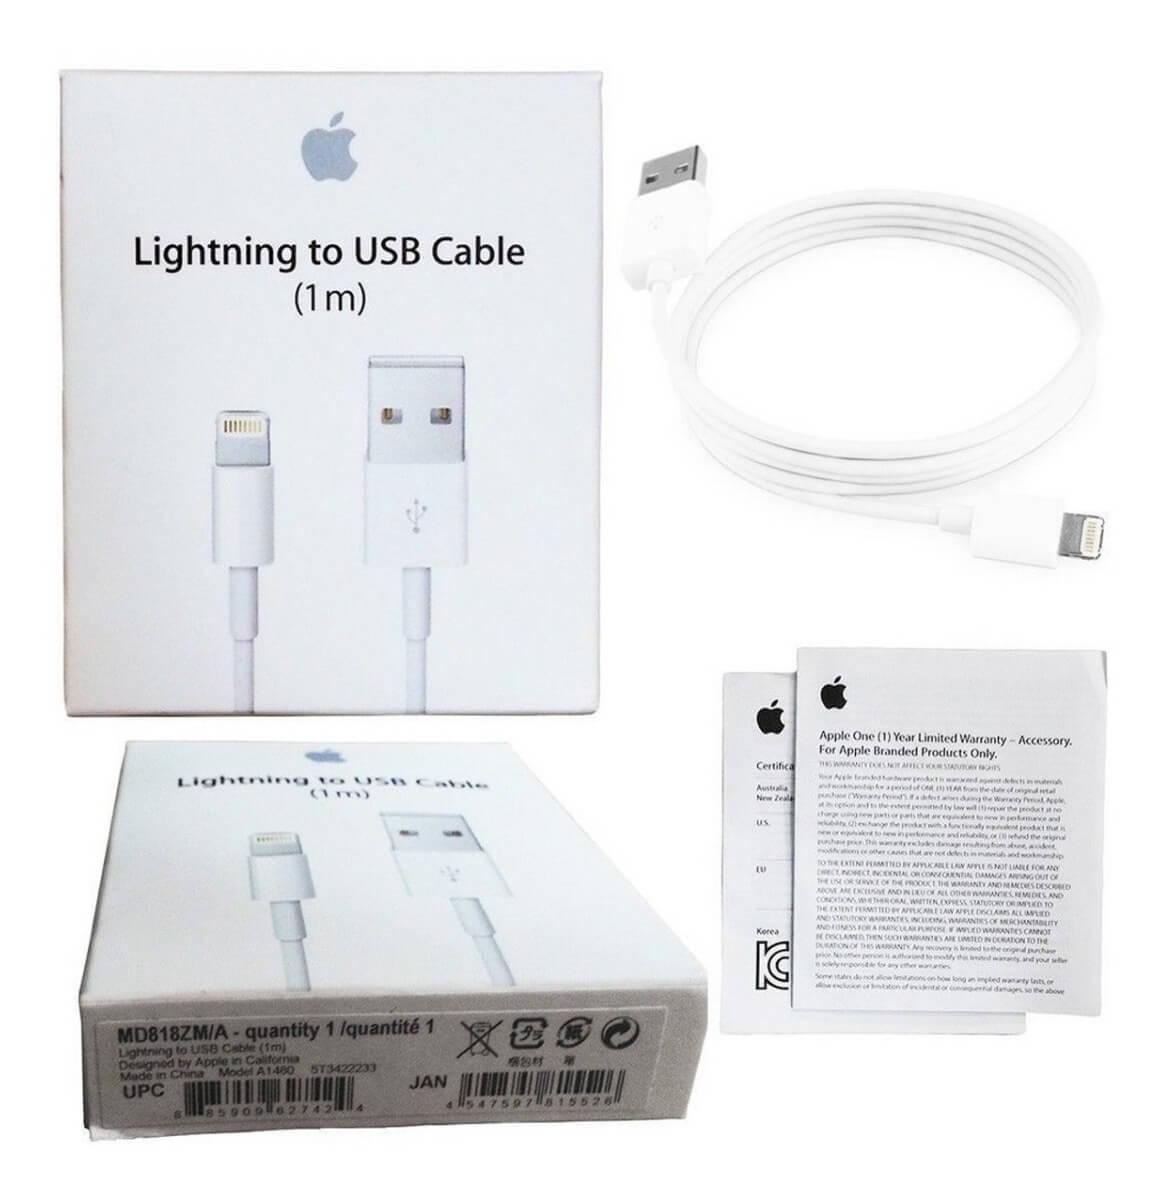 کابل شارژ (تبديل) USB به لايتنينگ اپل اصلی (اورجینال اپل استور)